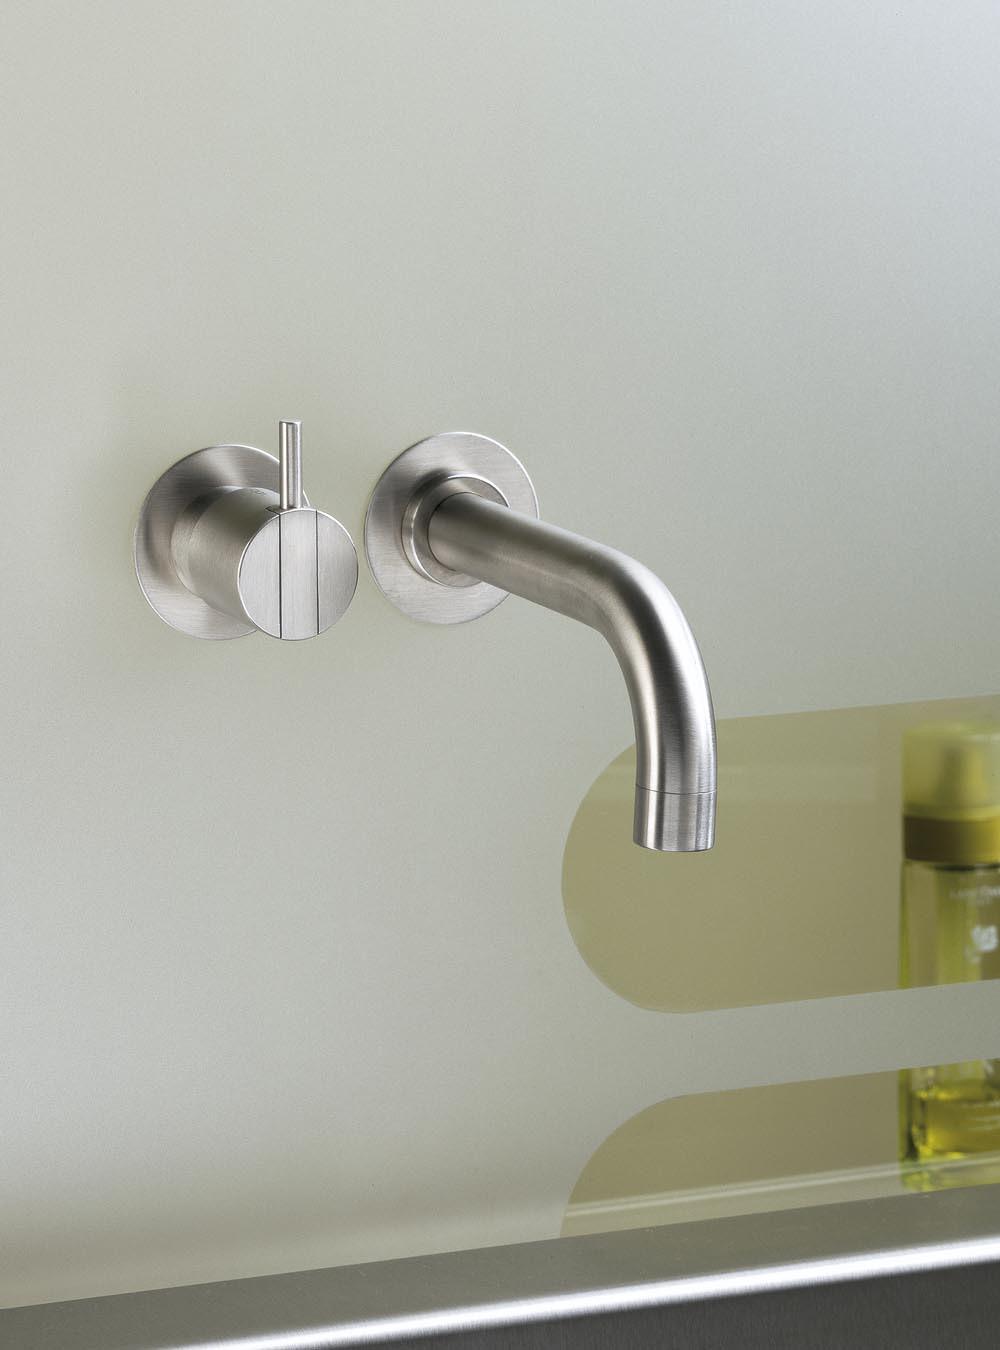 Griferia Para Baño Marcas:Grifos de Baño Vola